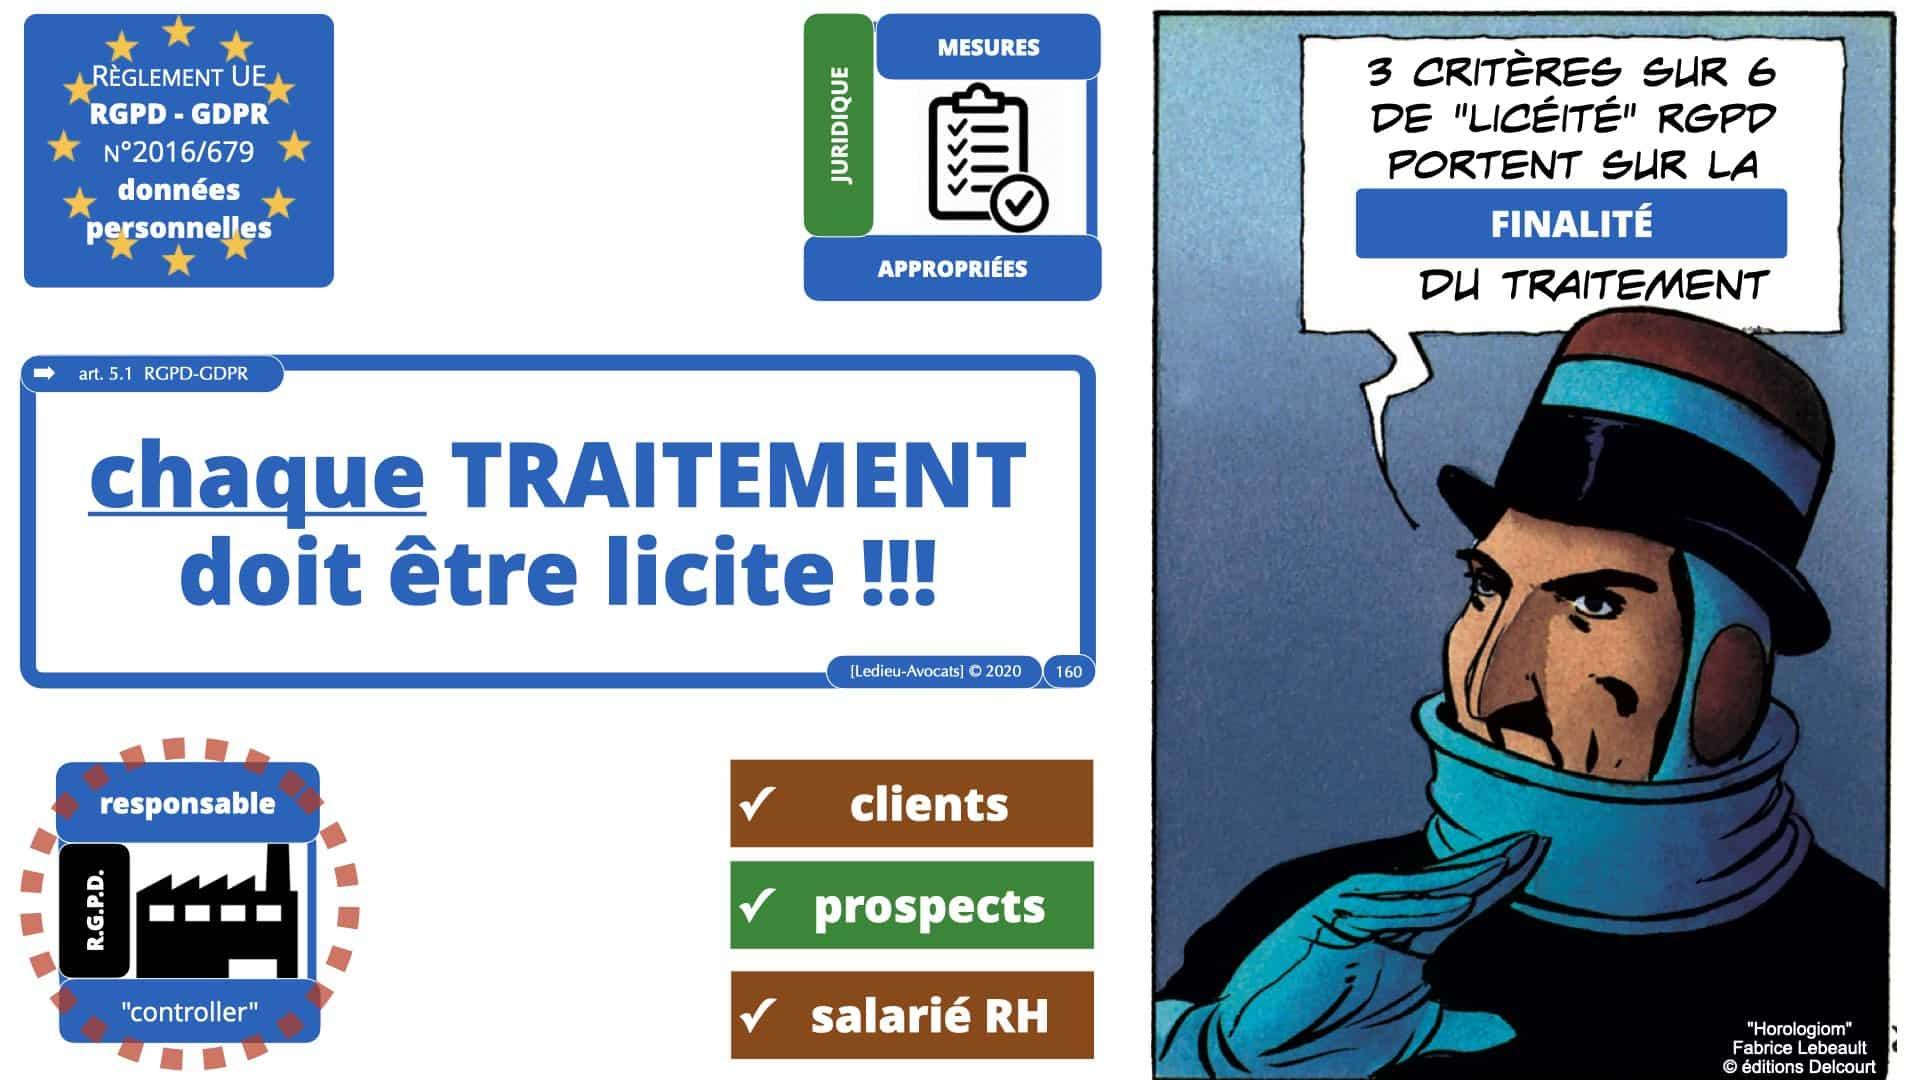 RGPD e-Privacy données personnelles jurisprudence formation Lamy Les Echos 10-02-2021 ©Ledieu-Avocats.160